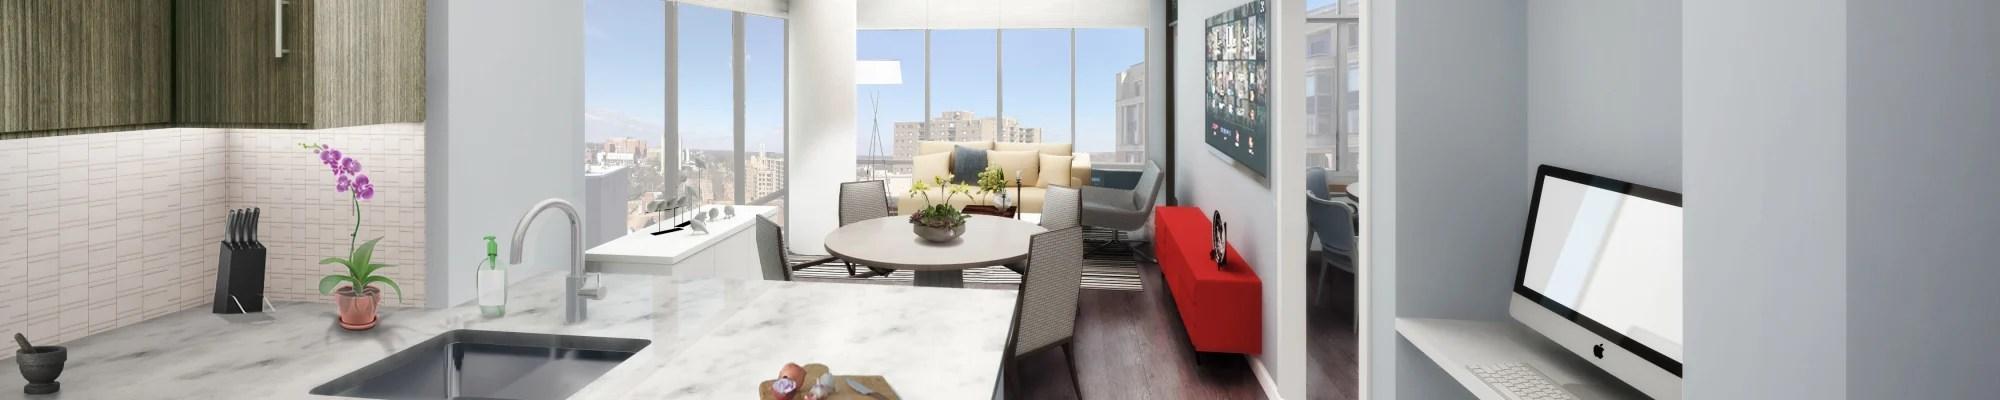 Luxury Studio, 1 & 2 Bedroom Apartments for Rent in